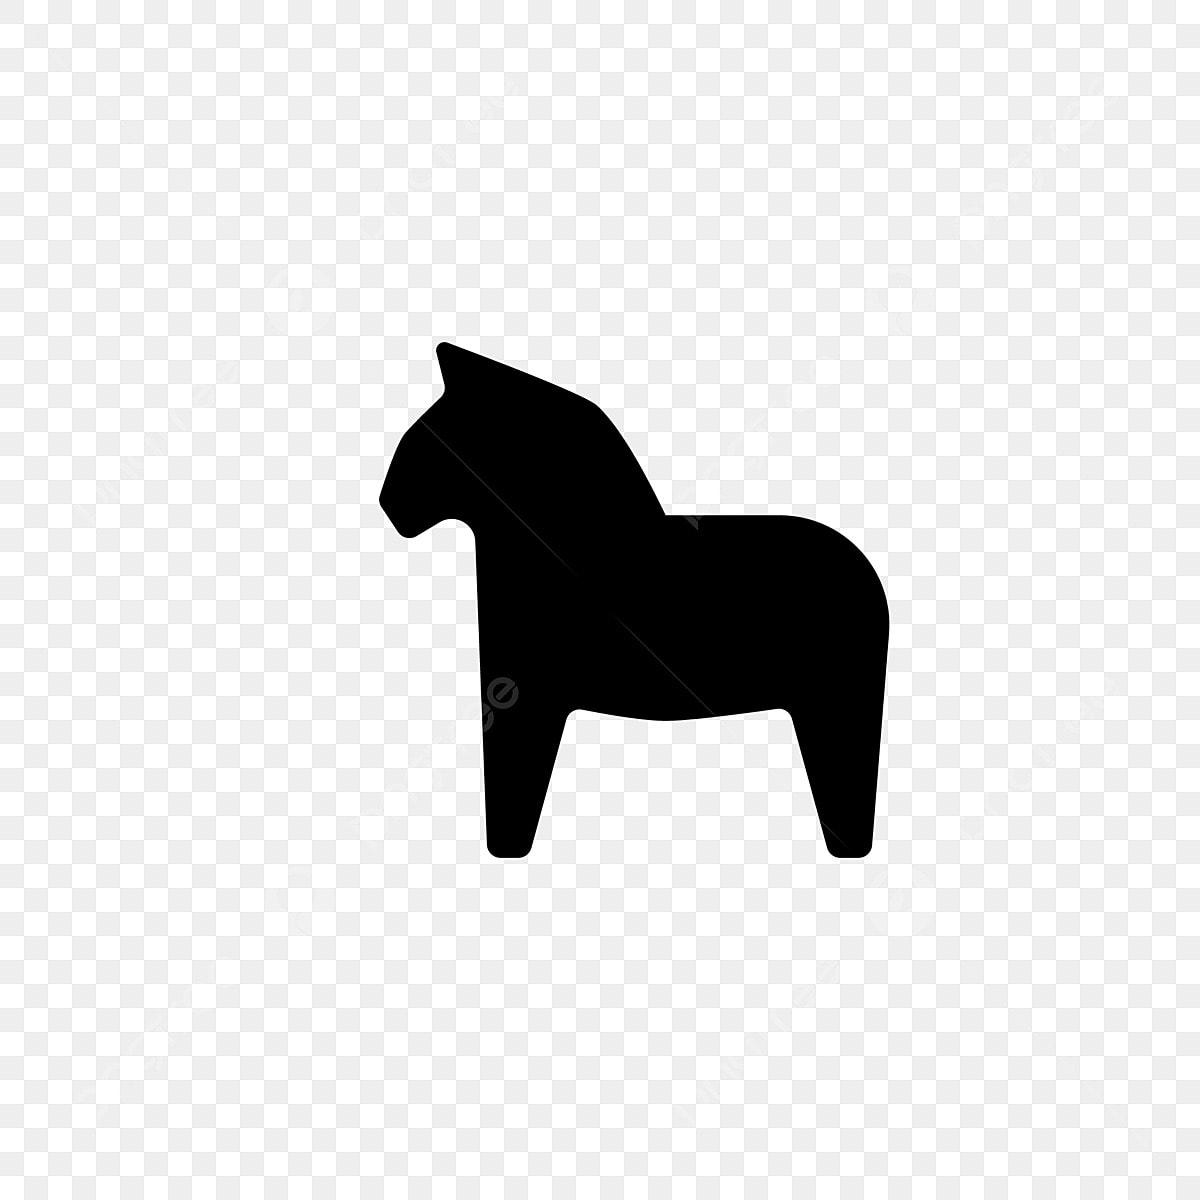 Gambar Kuda Hitam Png Vektor Psd Dan Clipart Dengan Latar Belakang Transparan Untuk Download Gratis Pngtree